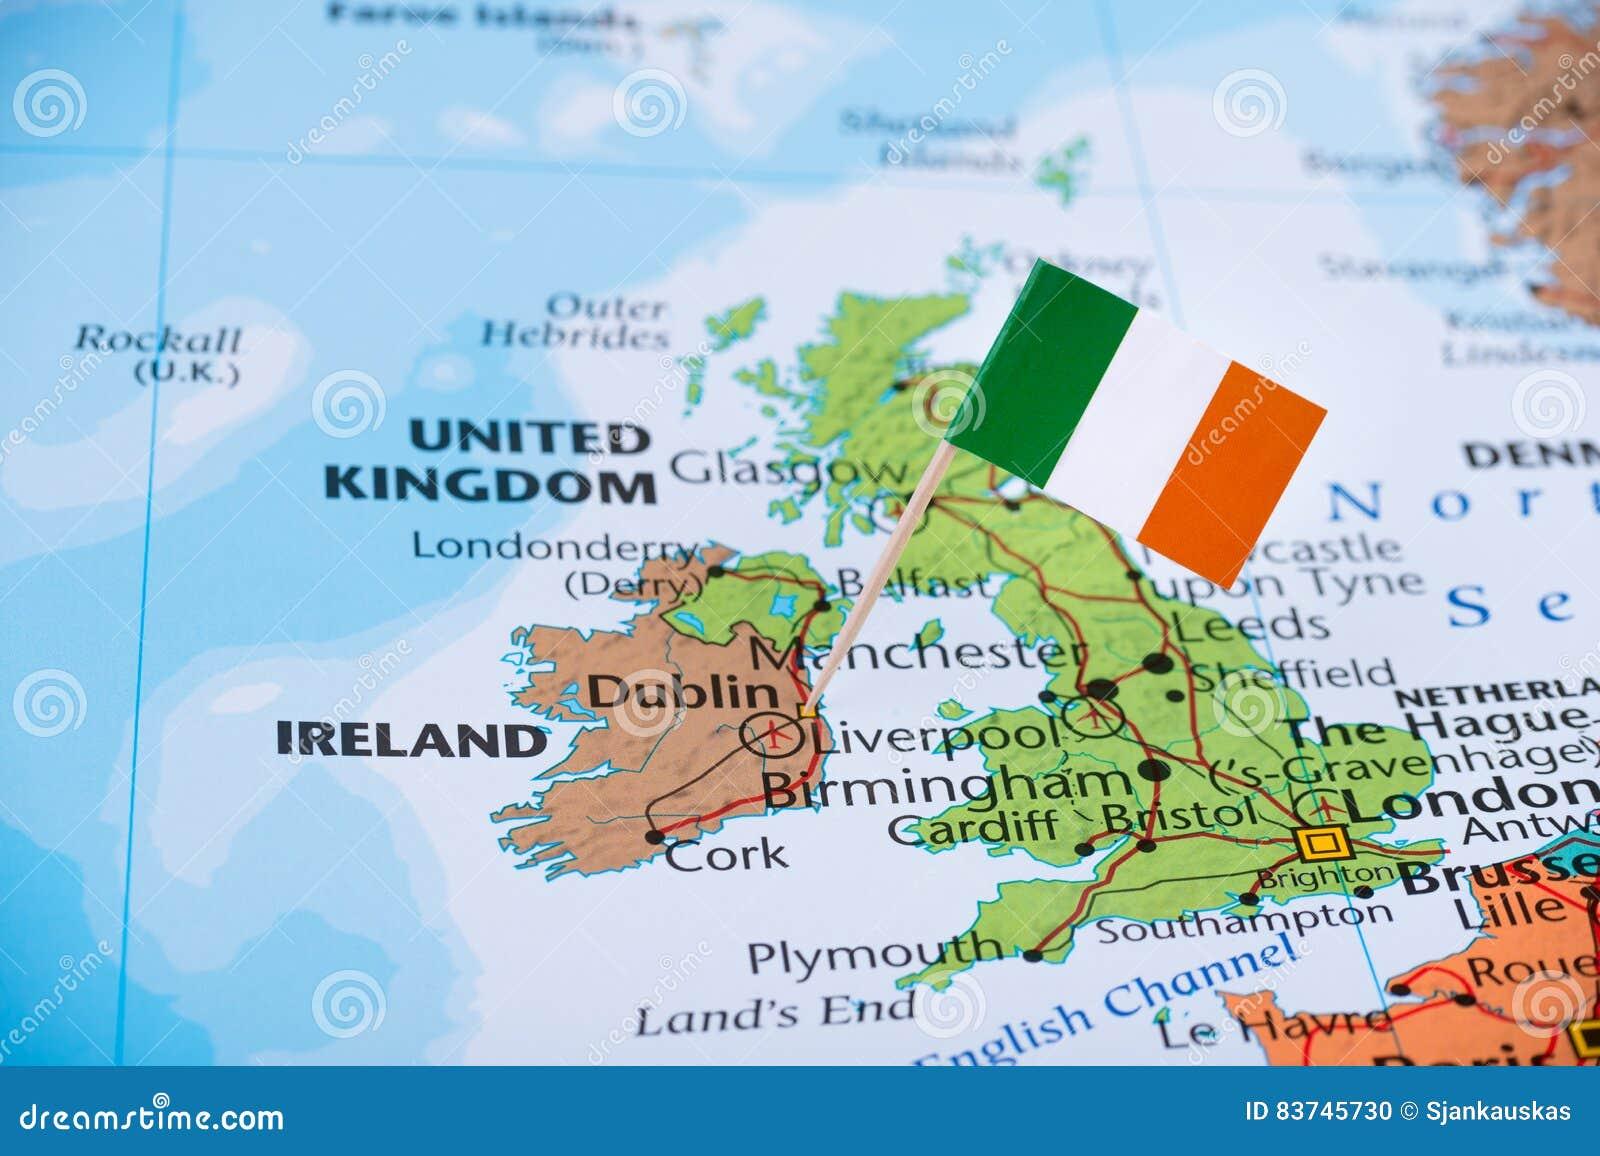 Cartina Geografica Dell Irlanda.Mappa Dell Irlanda Viaggio Immagine Di Concetto Di Emigrazione Fotografia Stock Immagine Di Paese North 83745730